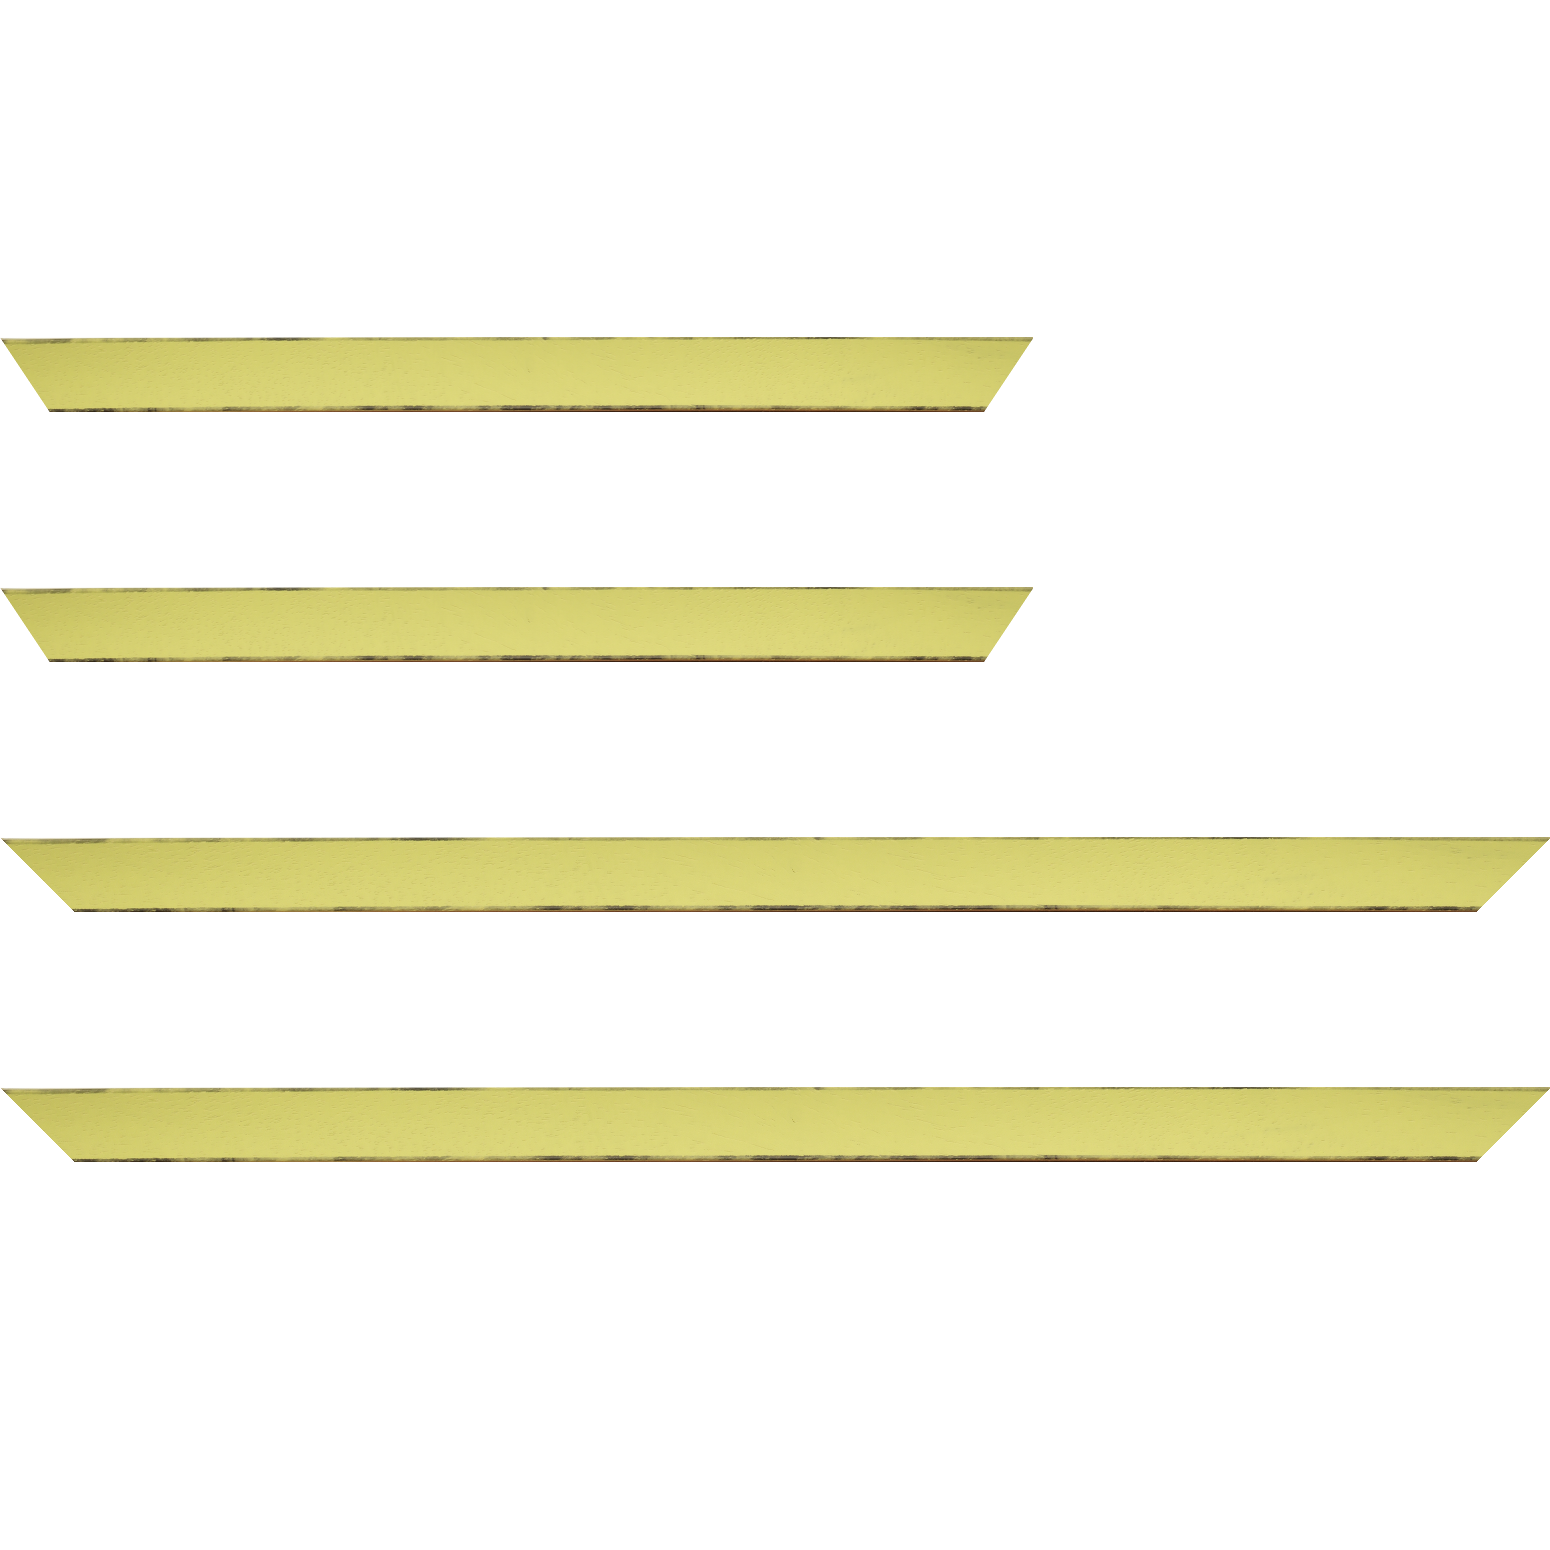 Baguette service précoupé Bois profil concave largeur 2.4cm couleur vert acidulé satiné arêtes essuyés noircies de chaque coté